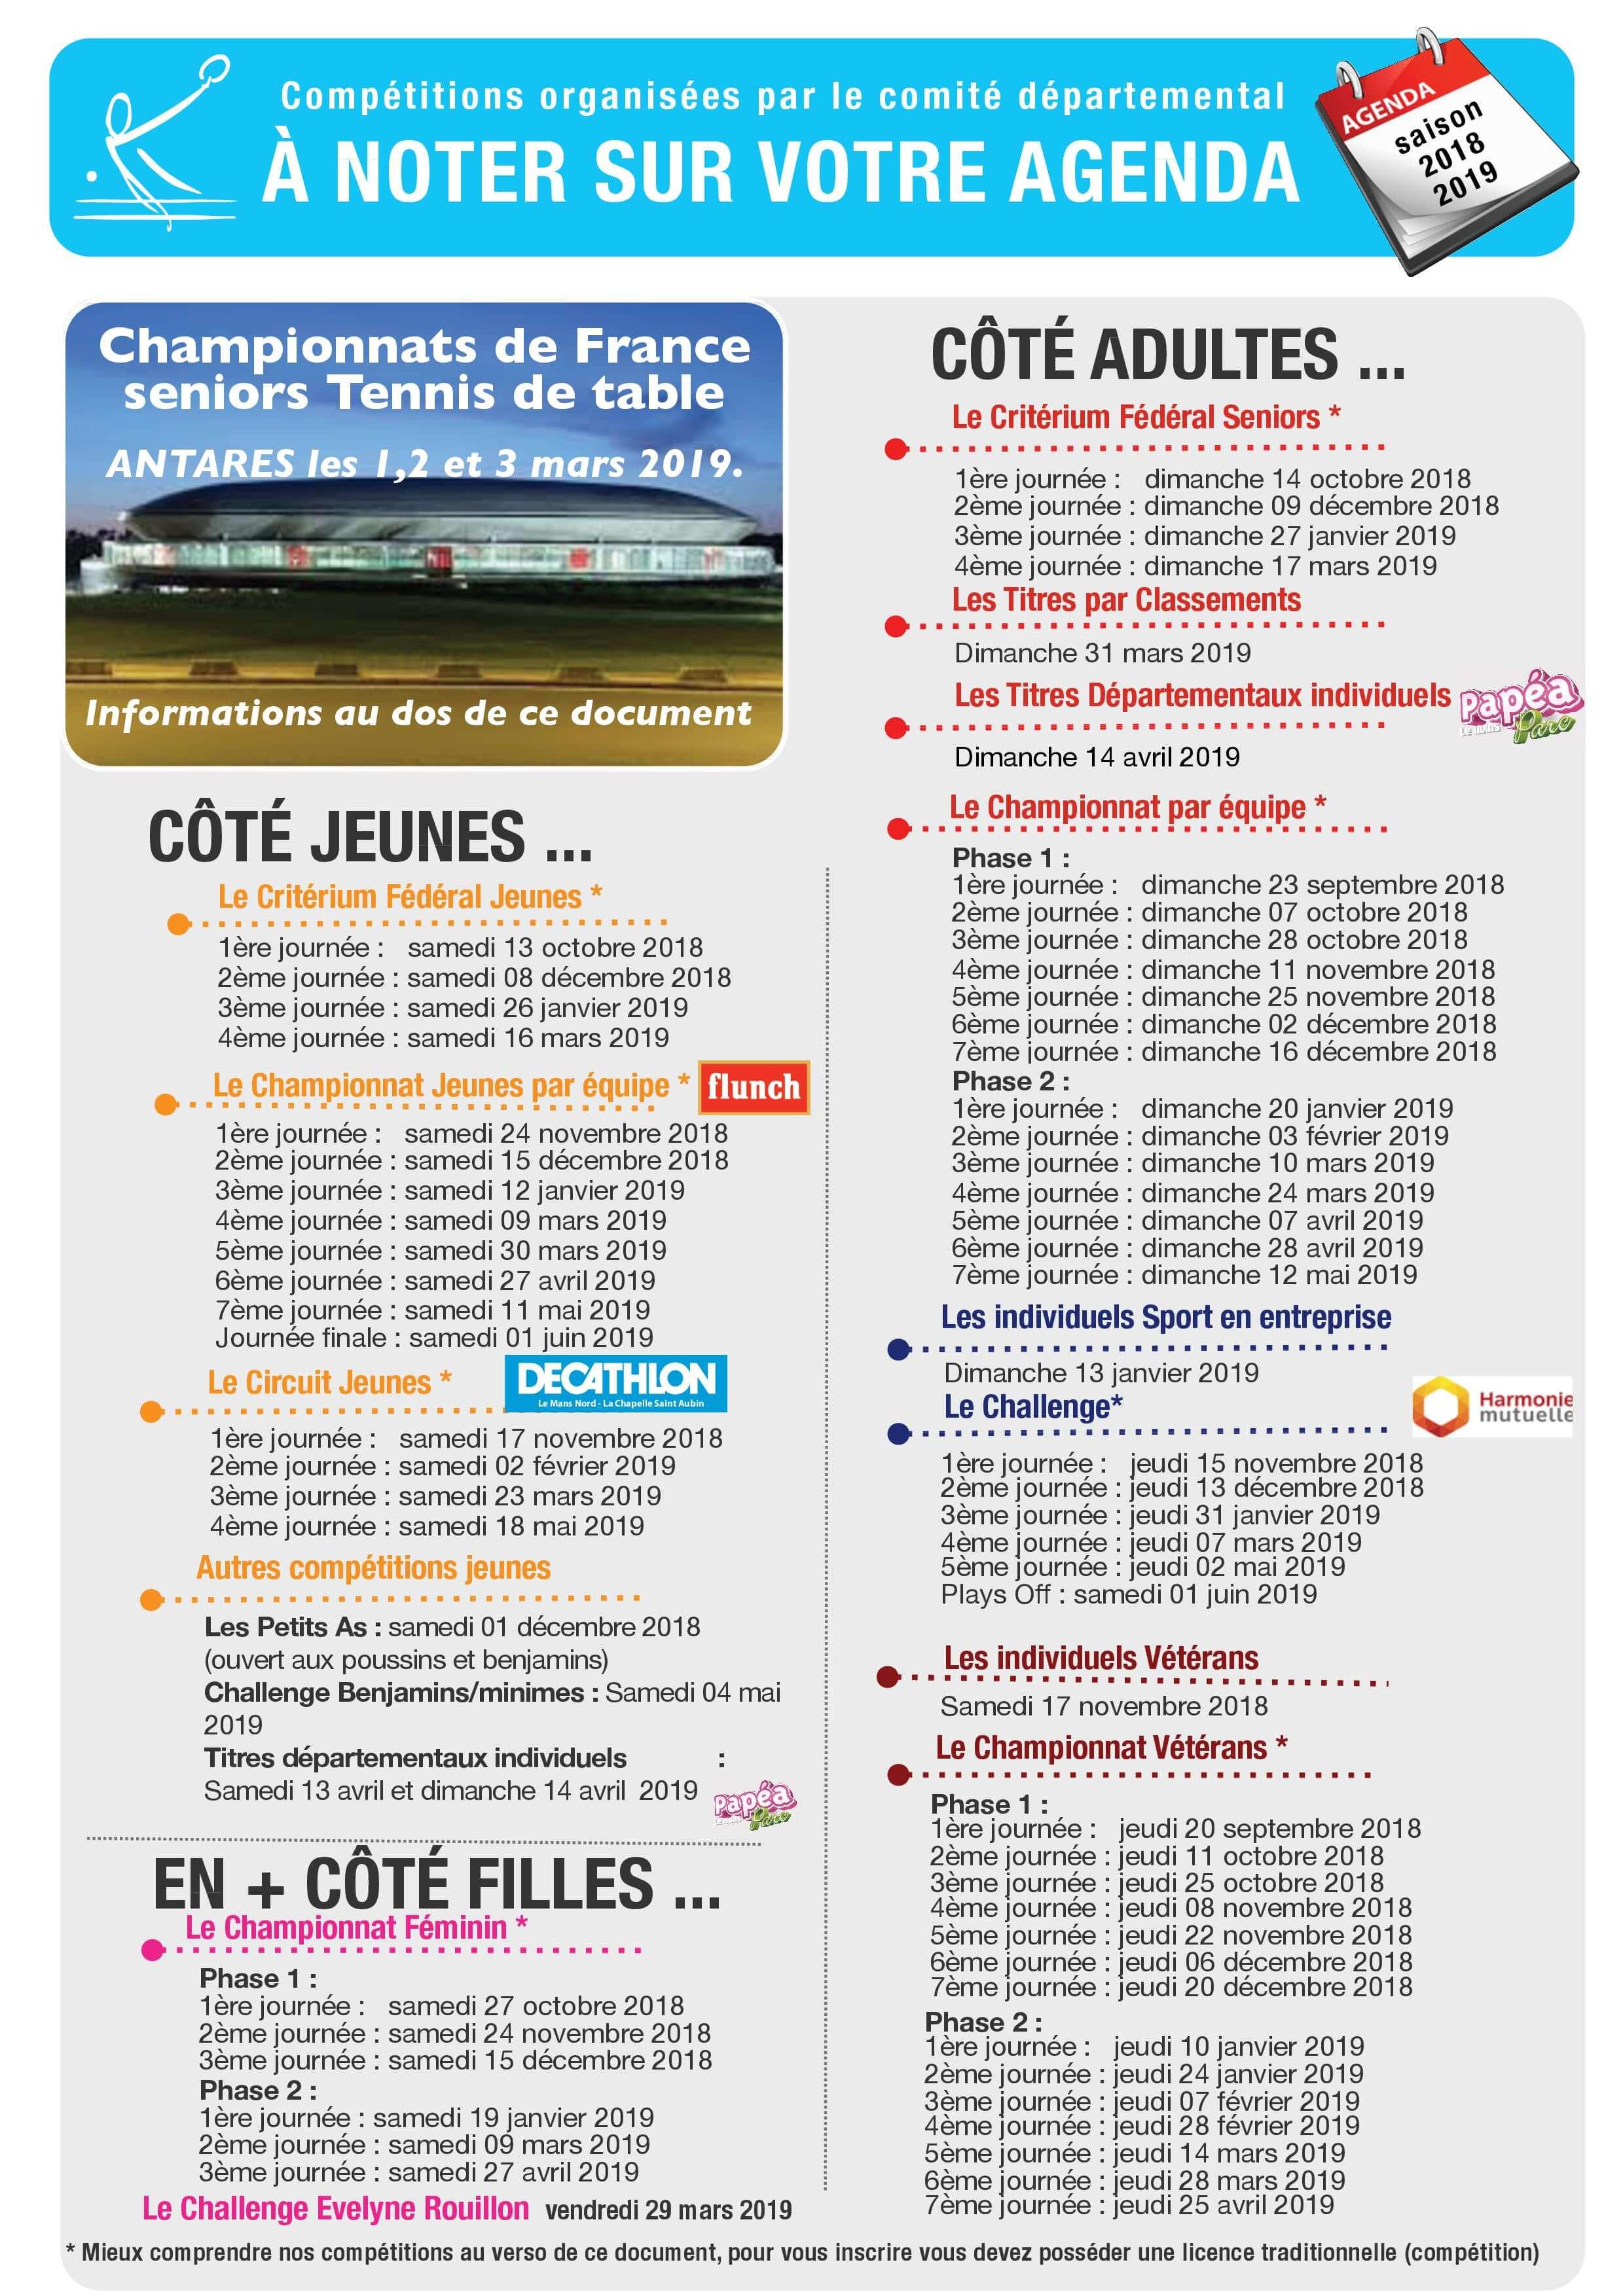 CD72_a_noter_sur_votre_agenda_2018_2019